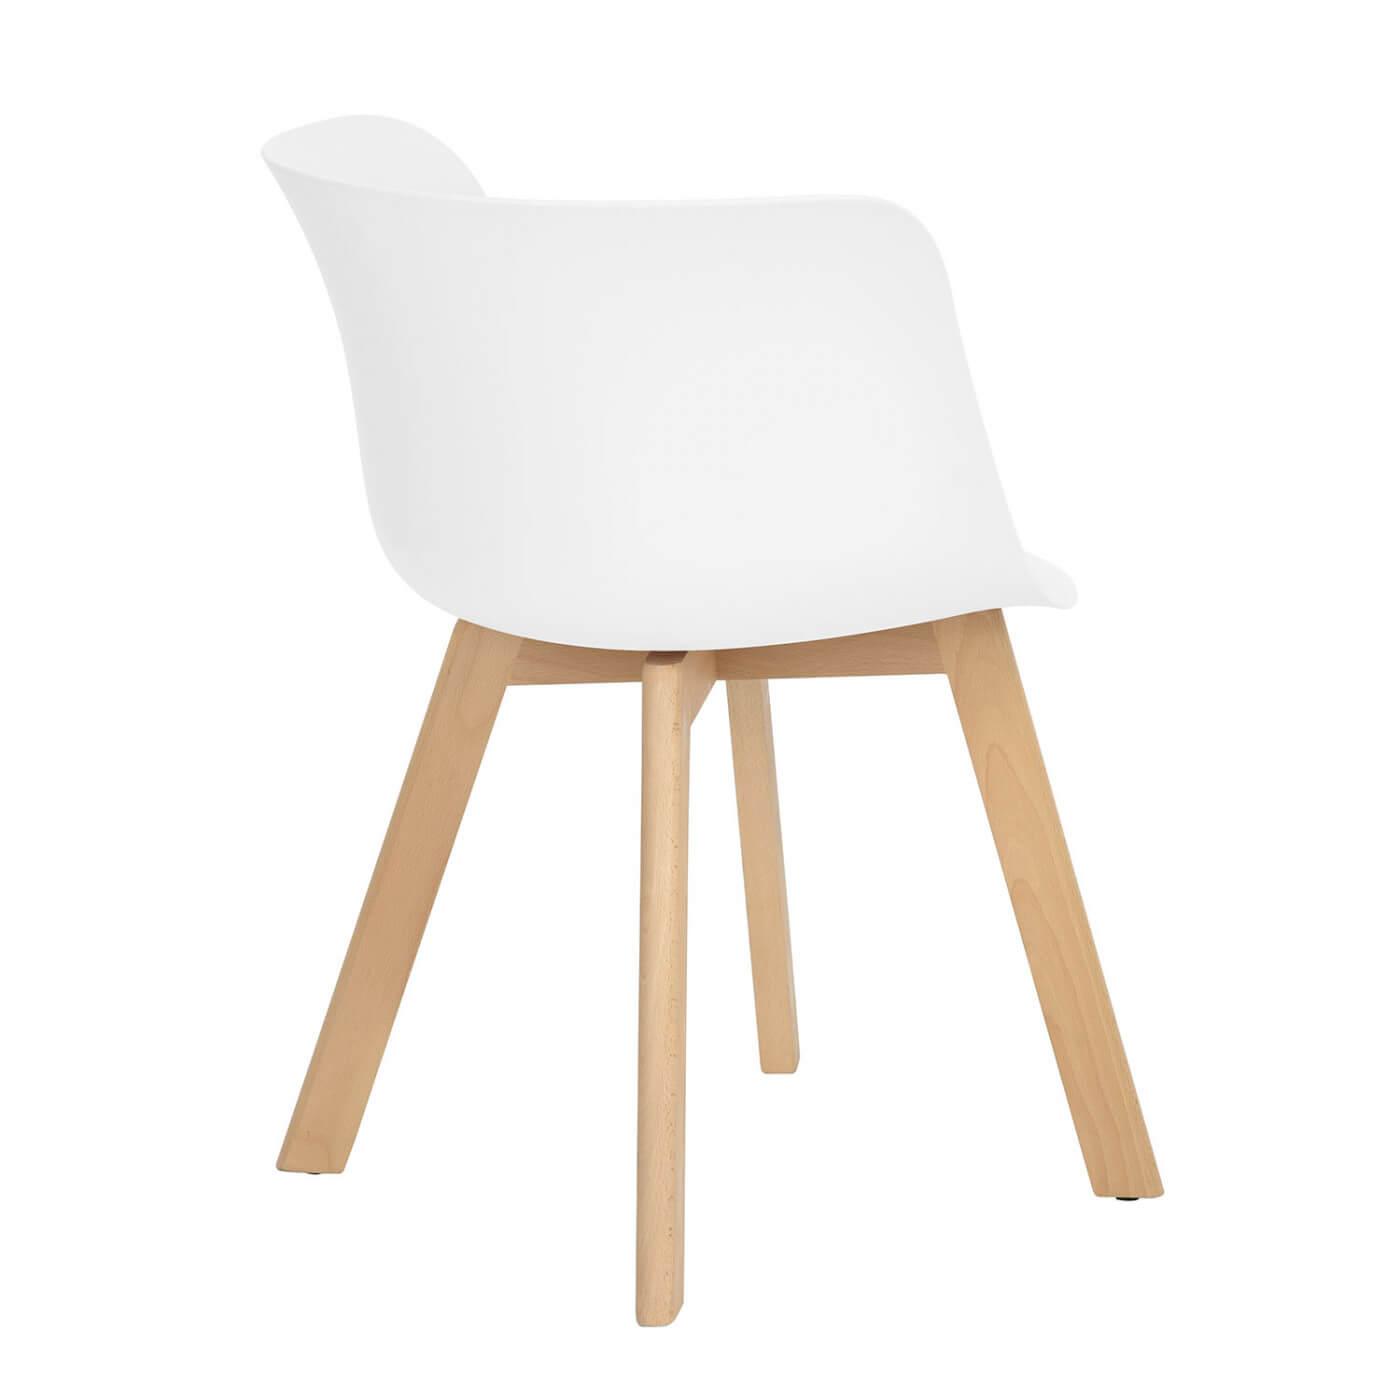 Chaise de salle manger design bois et pvc blanc lot de 4 ameline matelpro - Salle a manger design bois ...